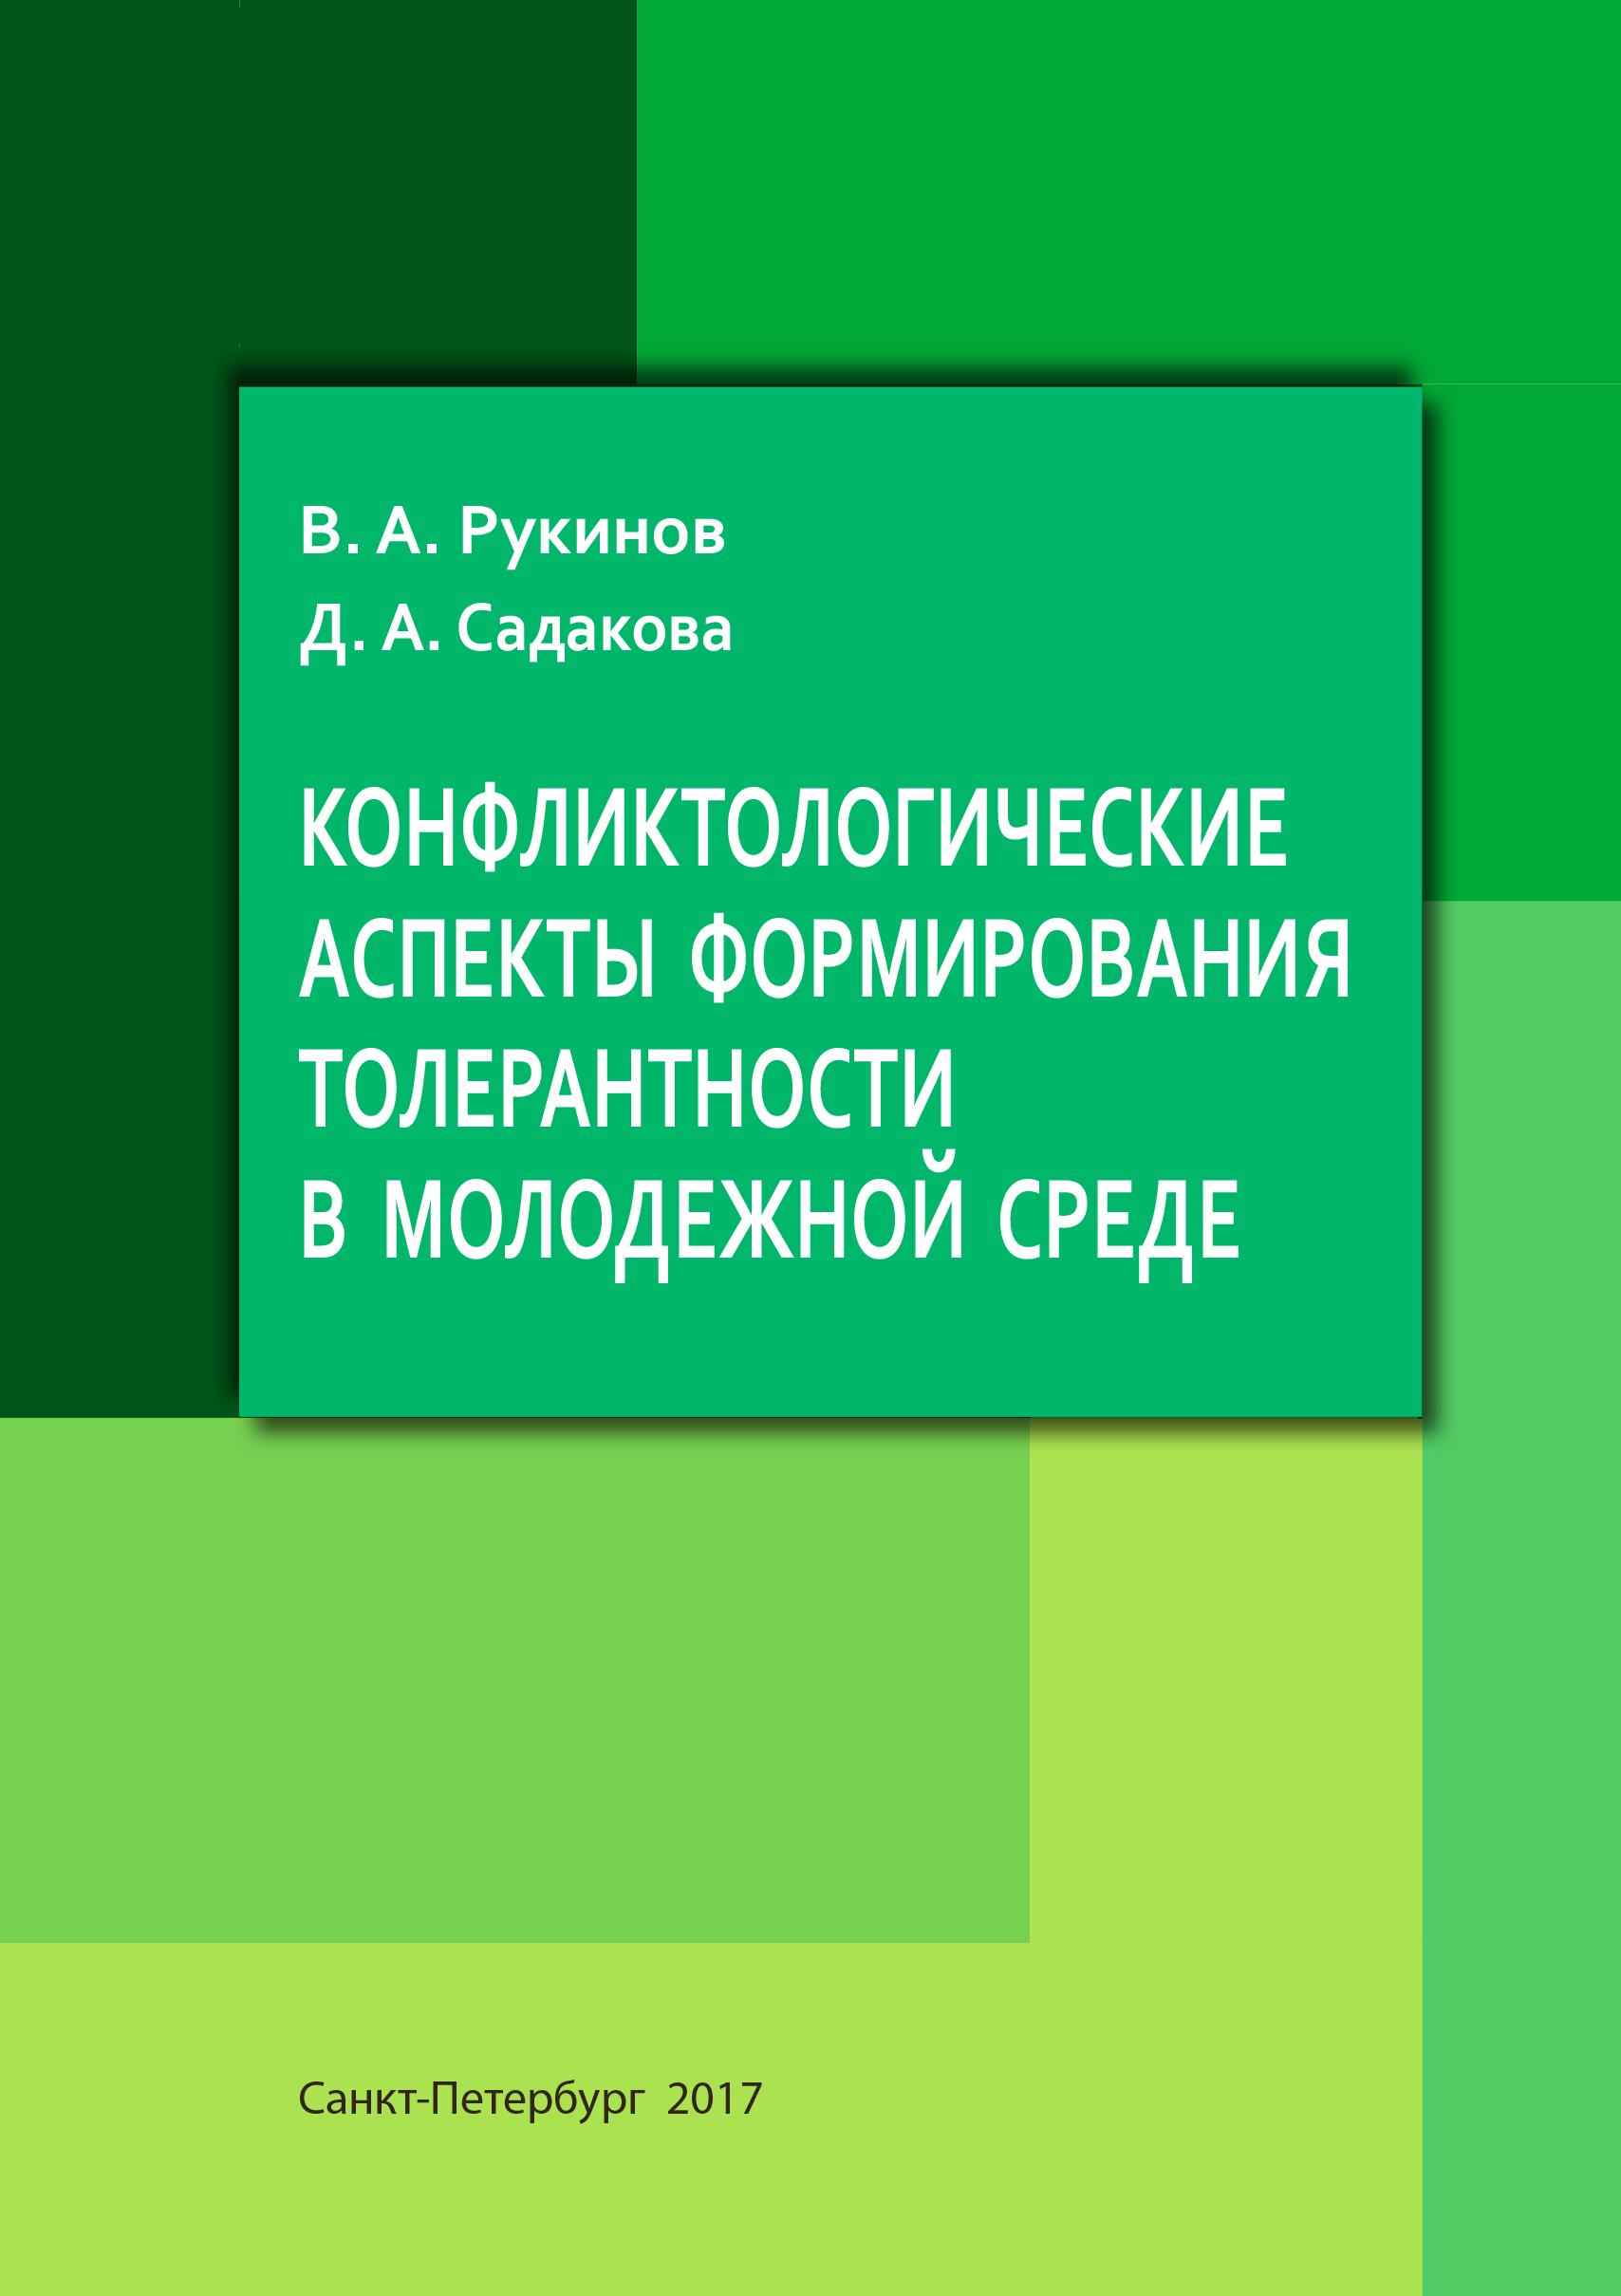 В. А. Рукинов Конфликтологические аспекты формирования толерантности в молодежной среде